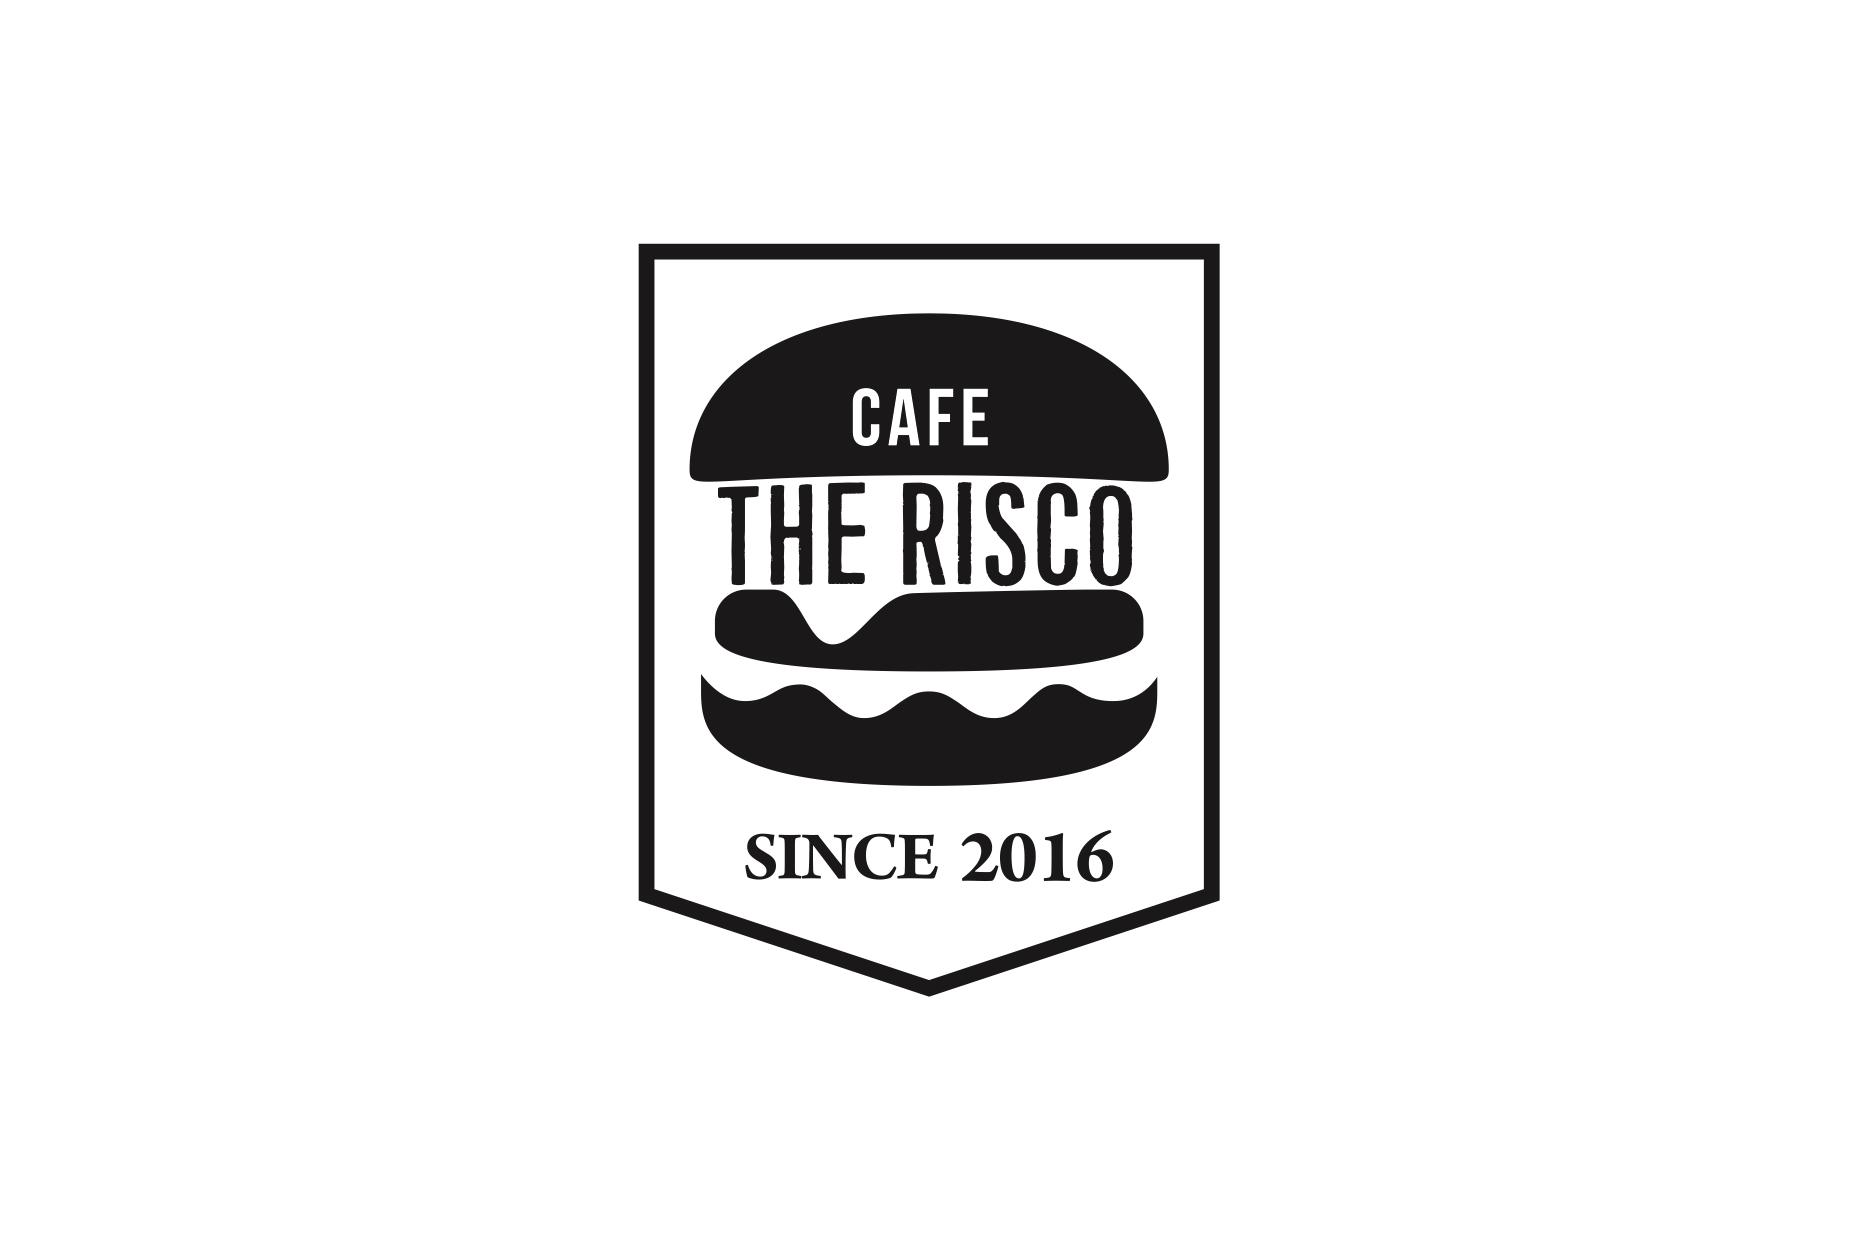 THE RISCO